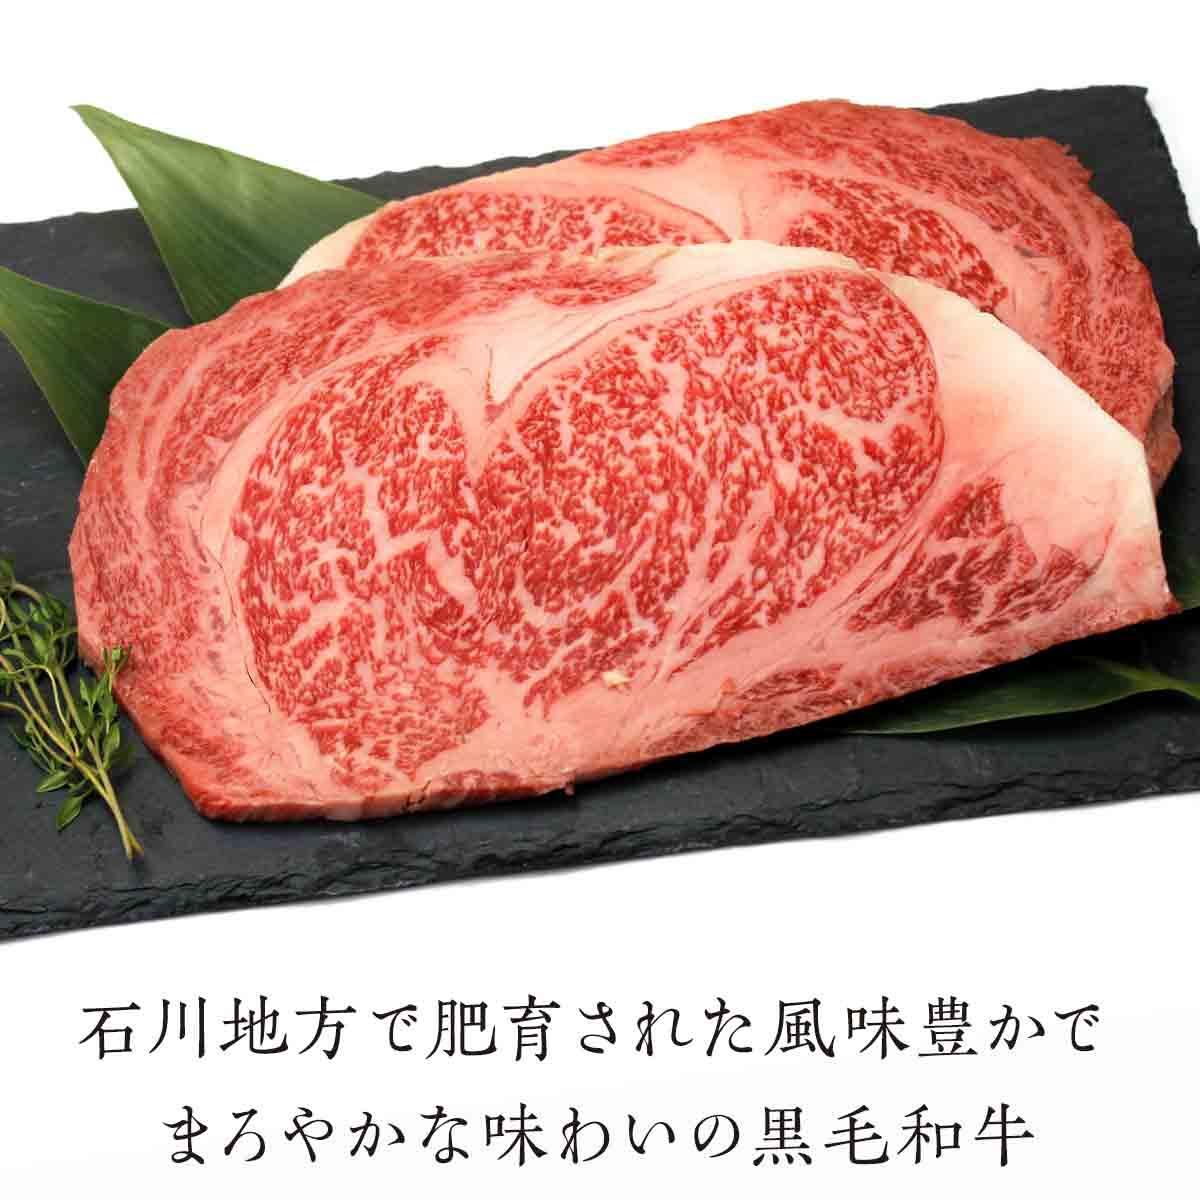 【ふるさと納税】 FT18-042 「いしかわ牛」または「福島牛」 和牛ロース肉 約250gステーキ用×2